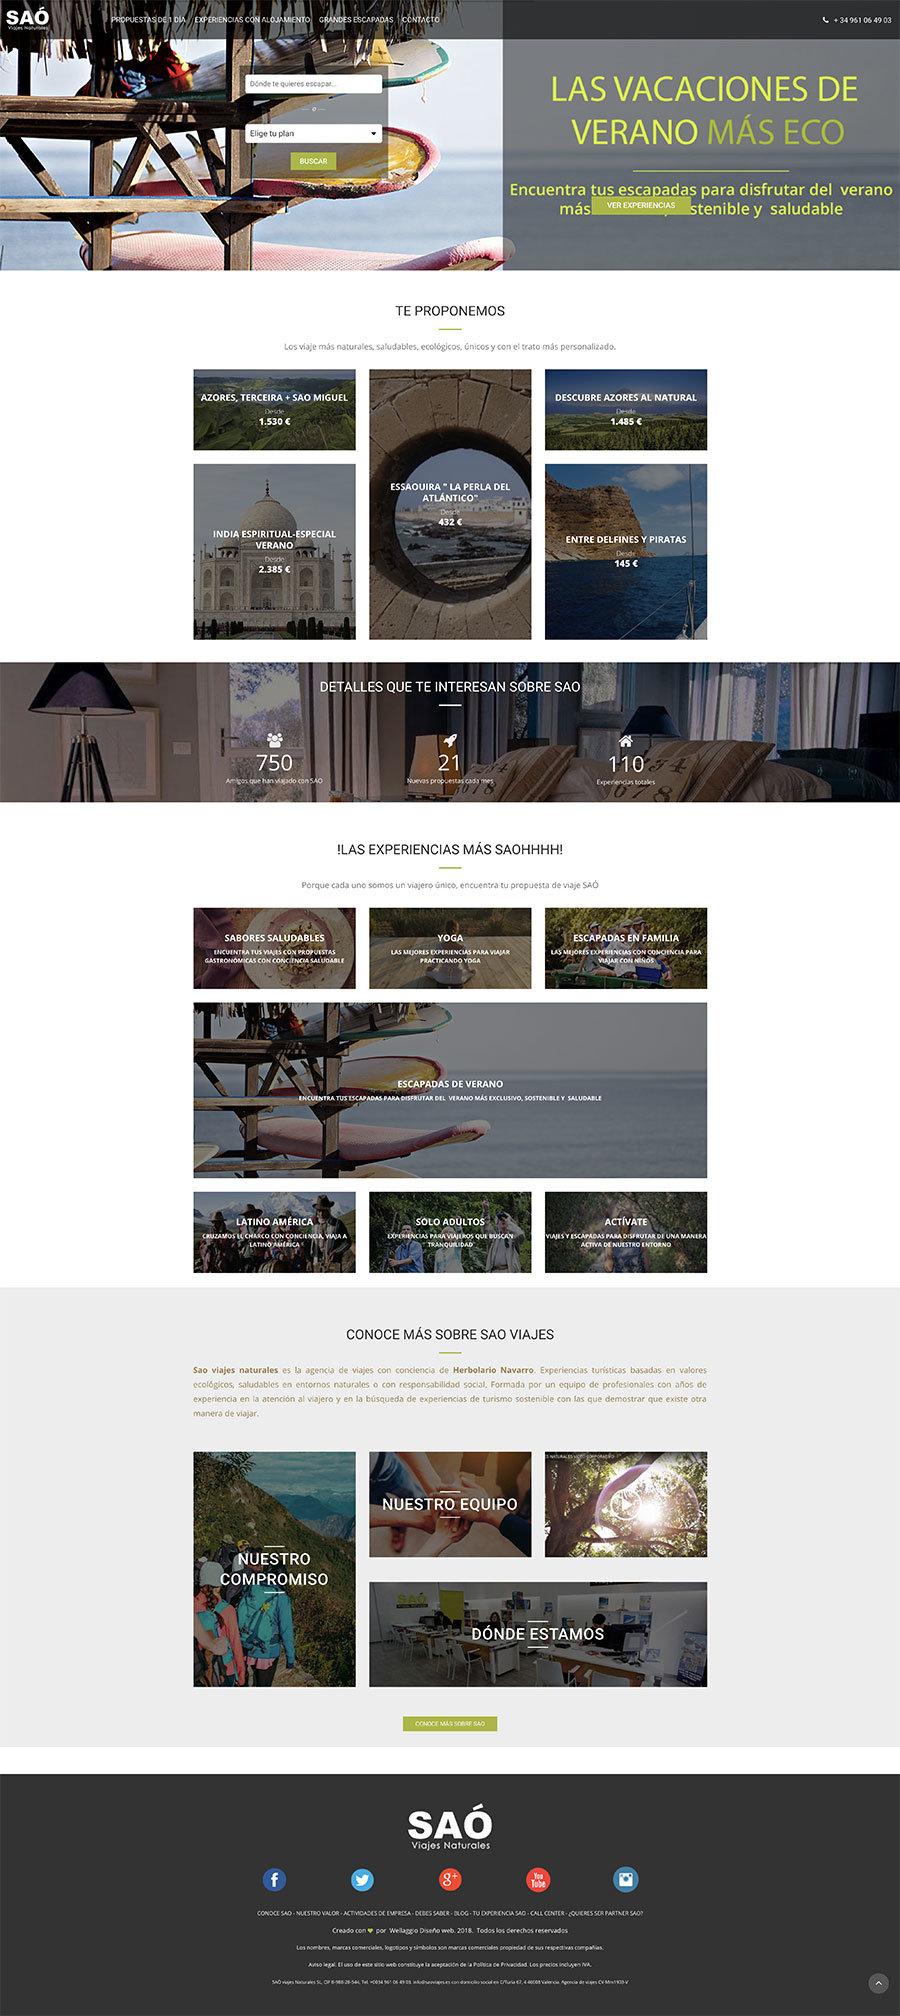 Wellaggio-diseño-web-valencia-saoviajes-es-2018-08-15-12_34_44